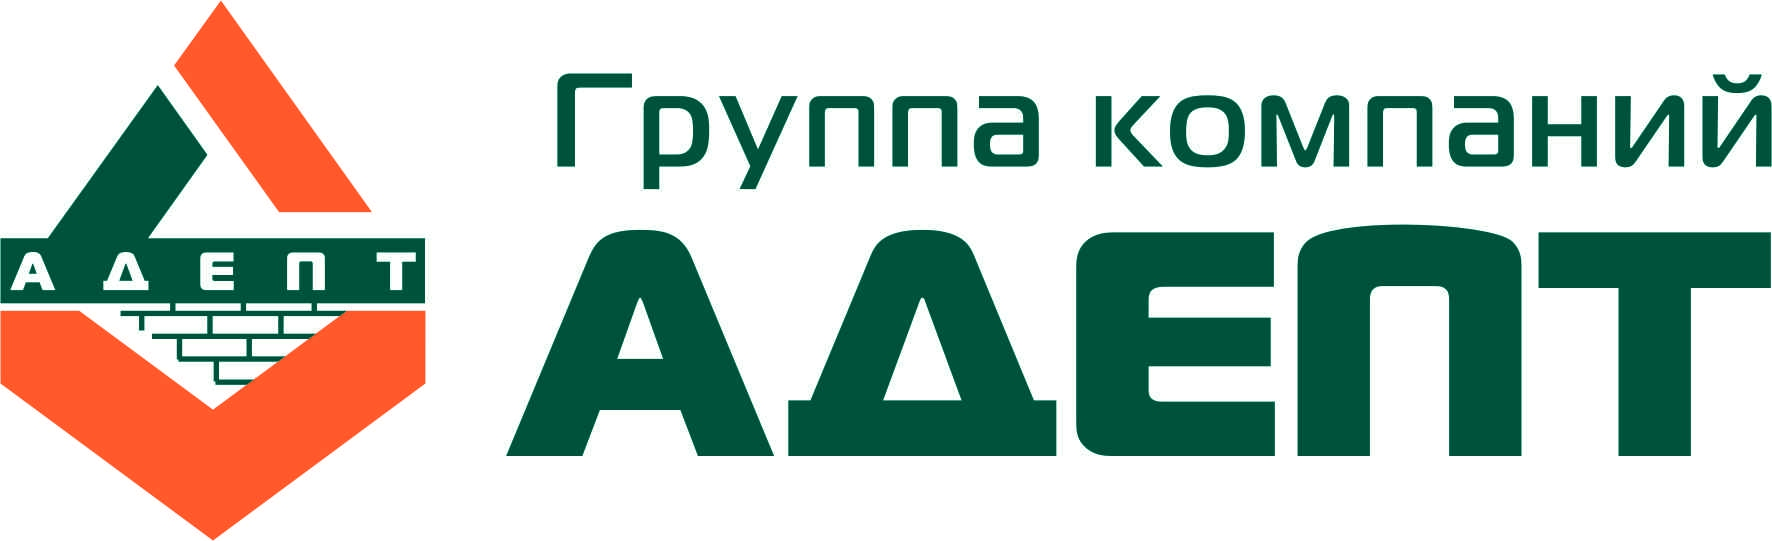 logotip_adept.jpg